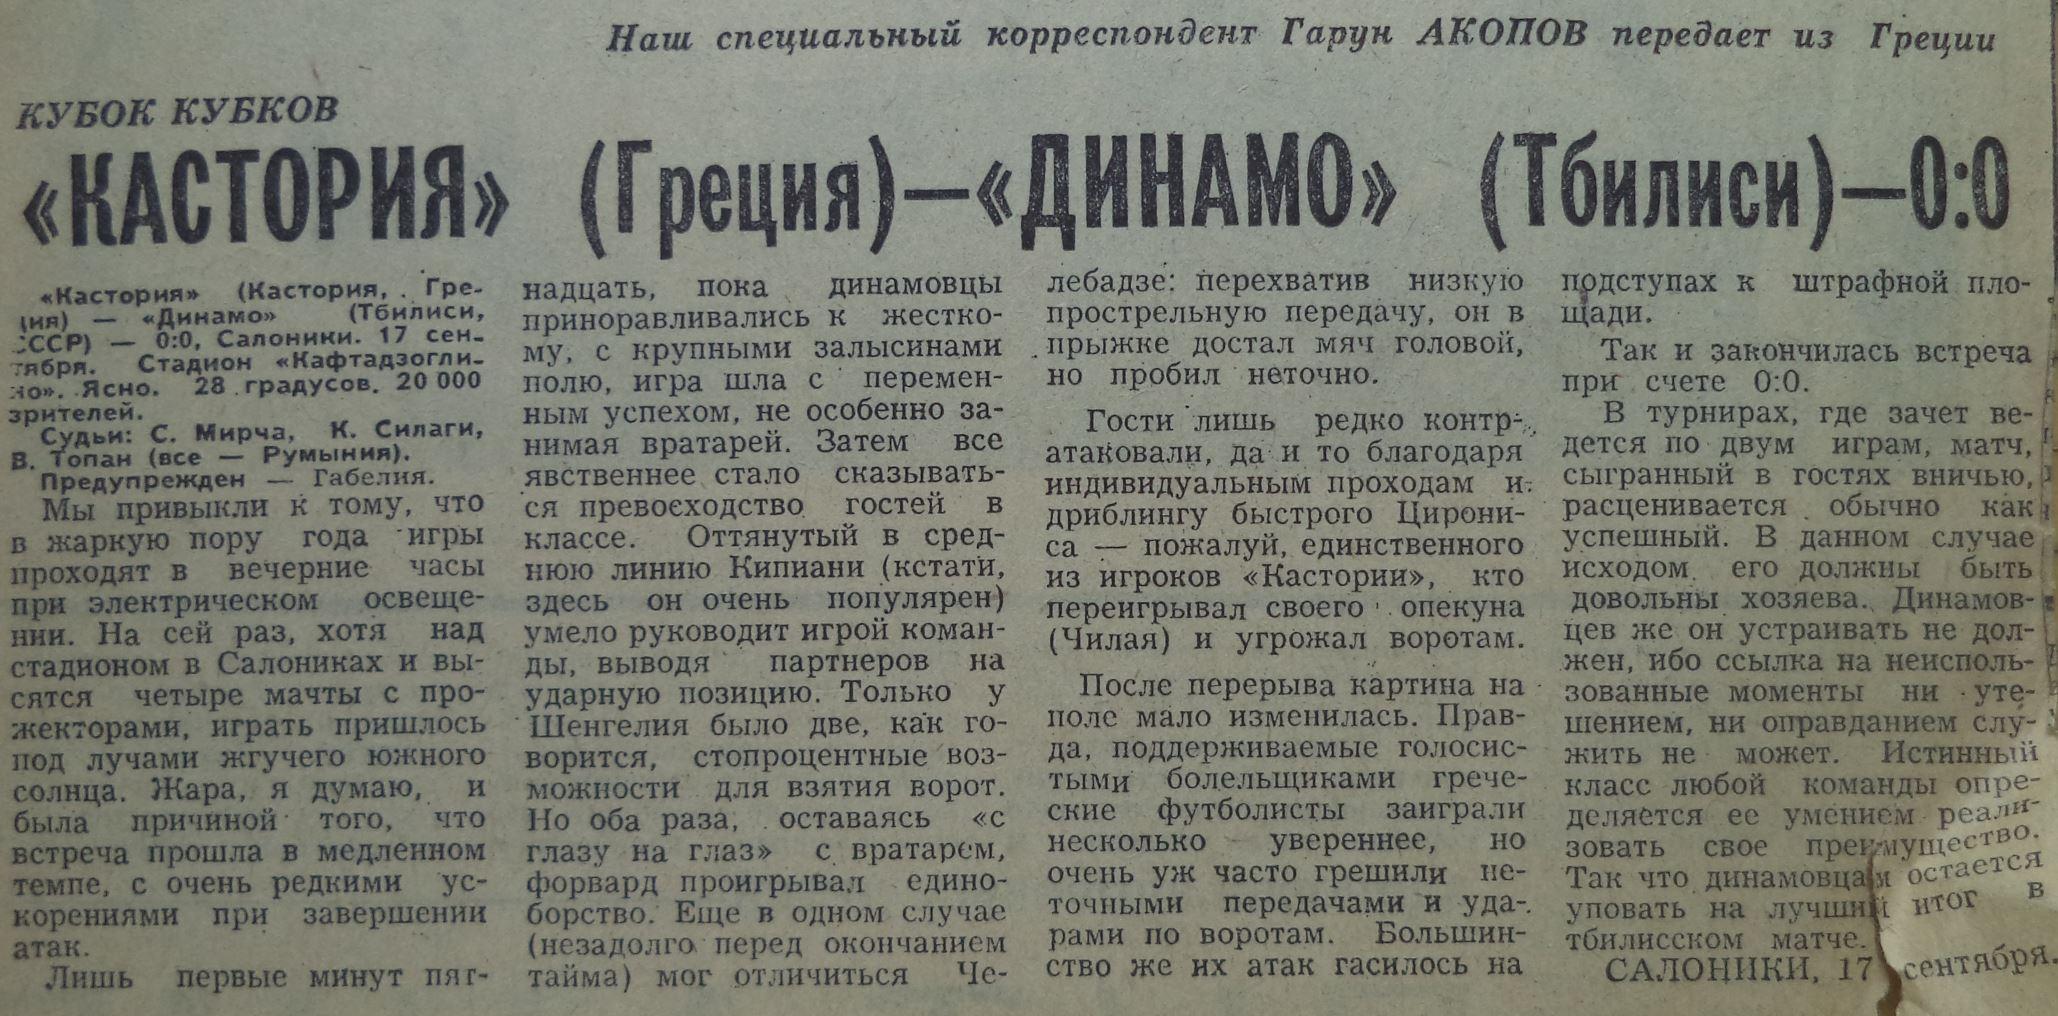 Кастория (Греция) - Динамо Тб (СССР) 0:0